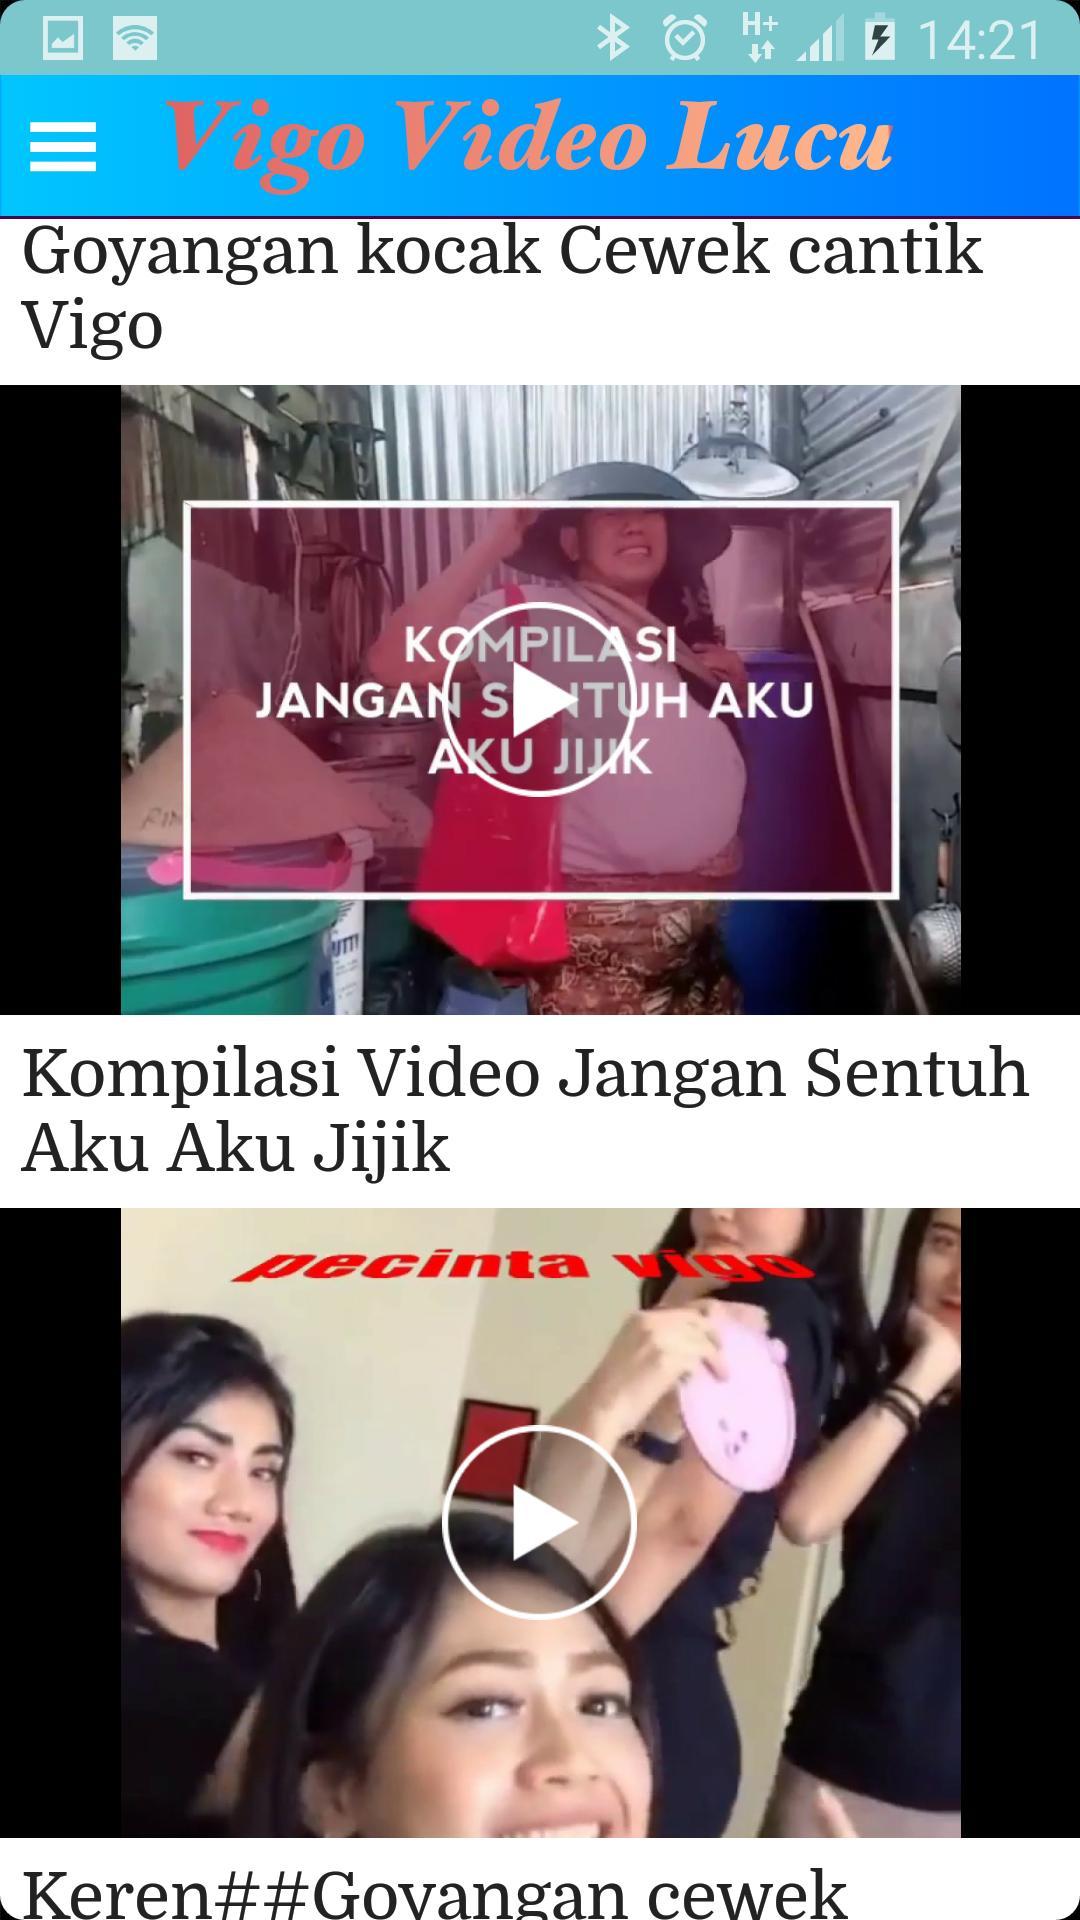 Vigo Video Lucu For Android APK Download